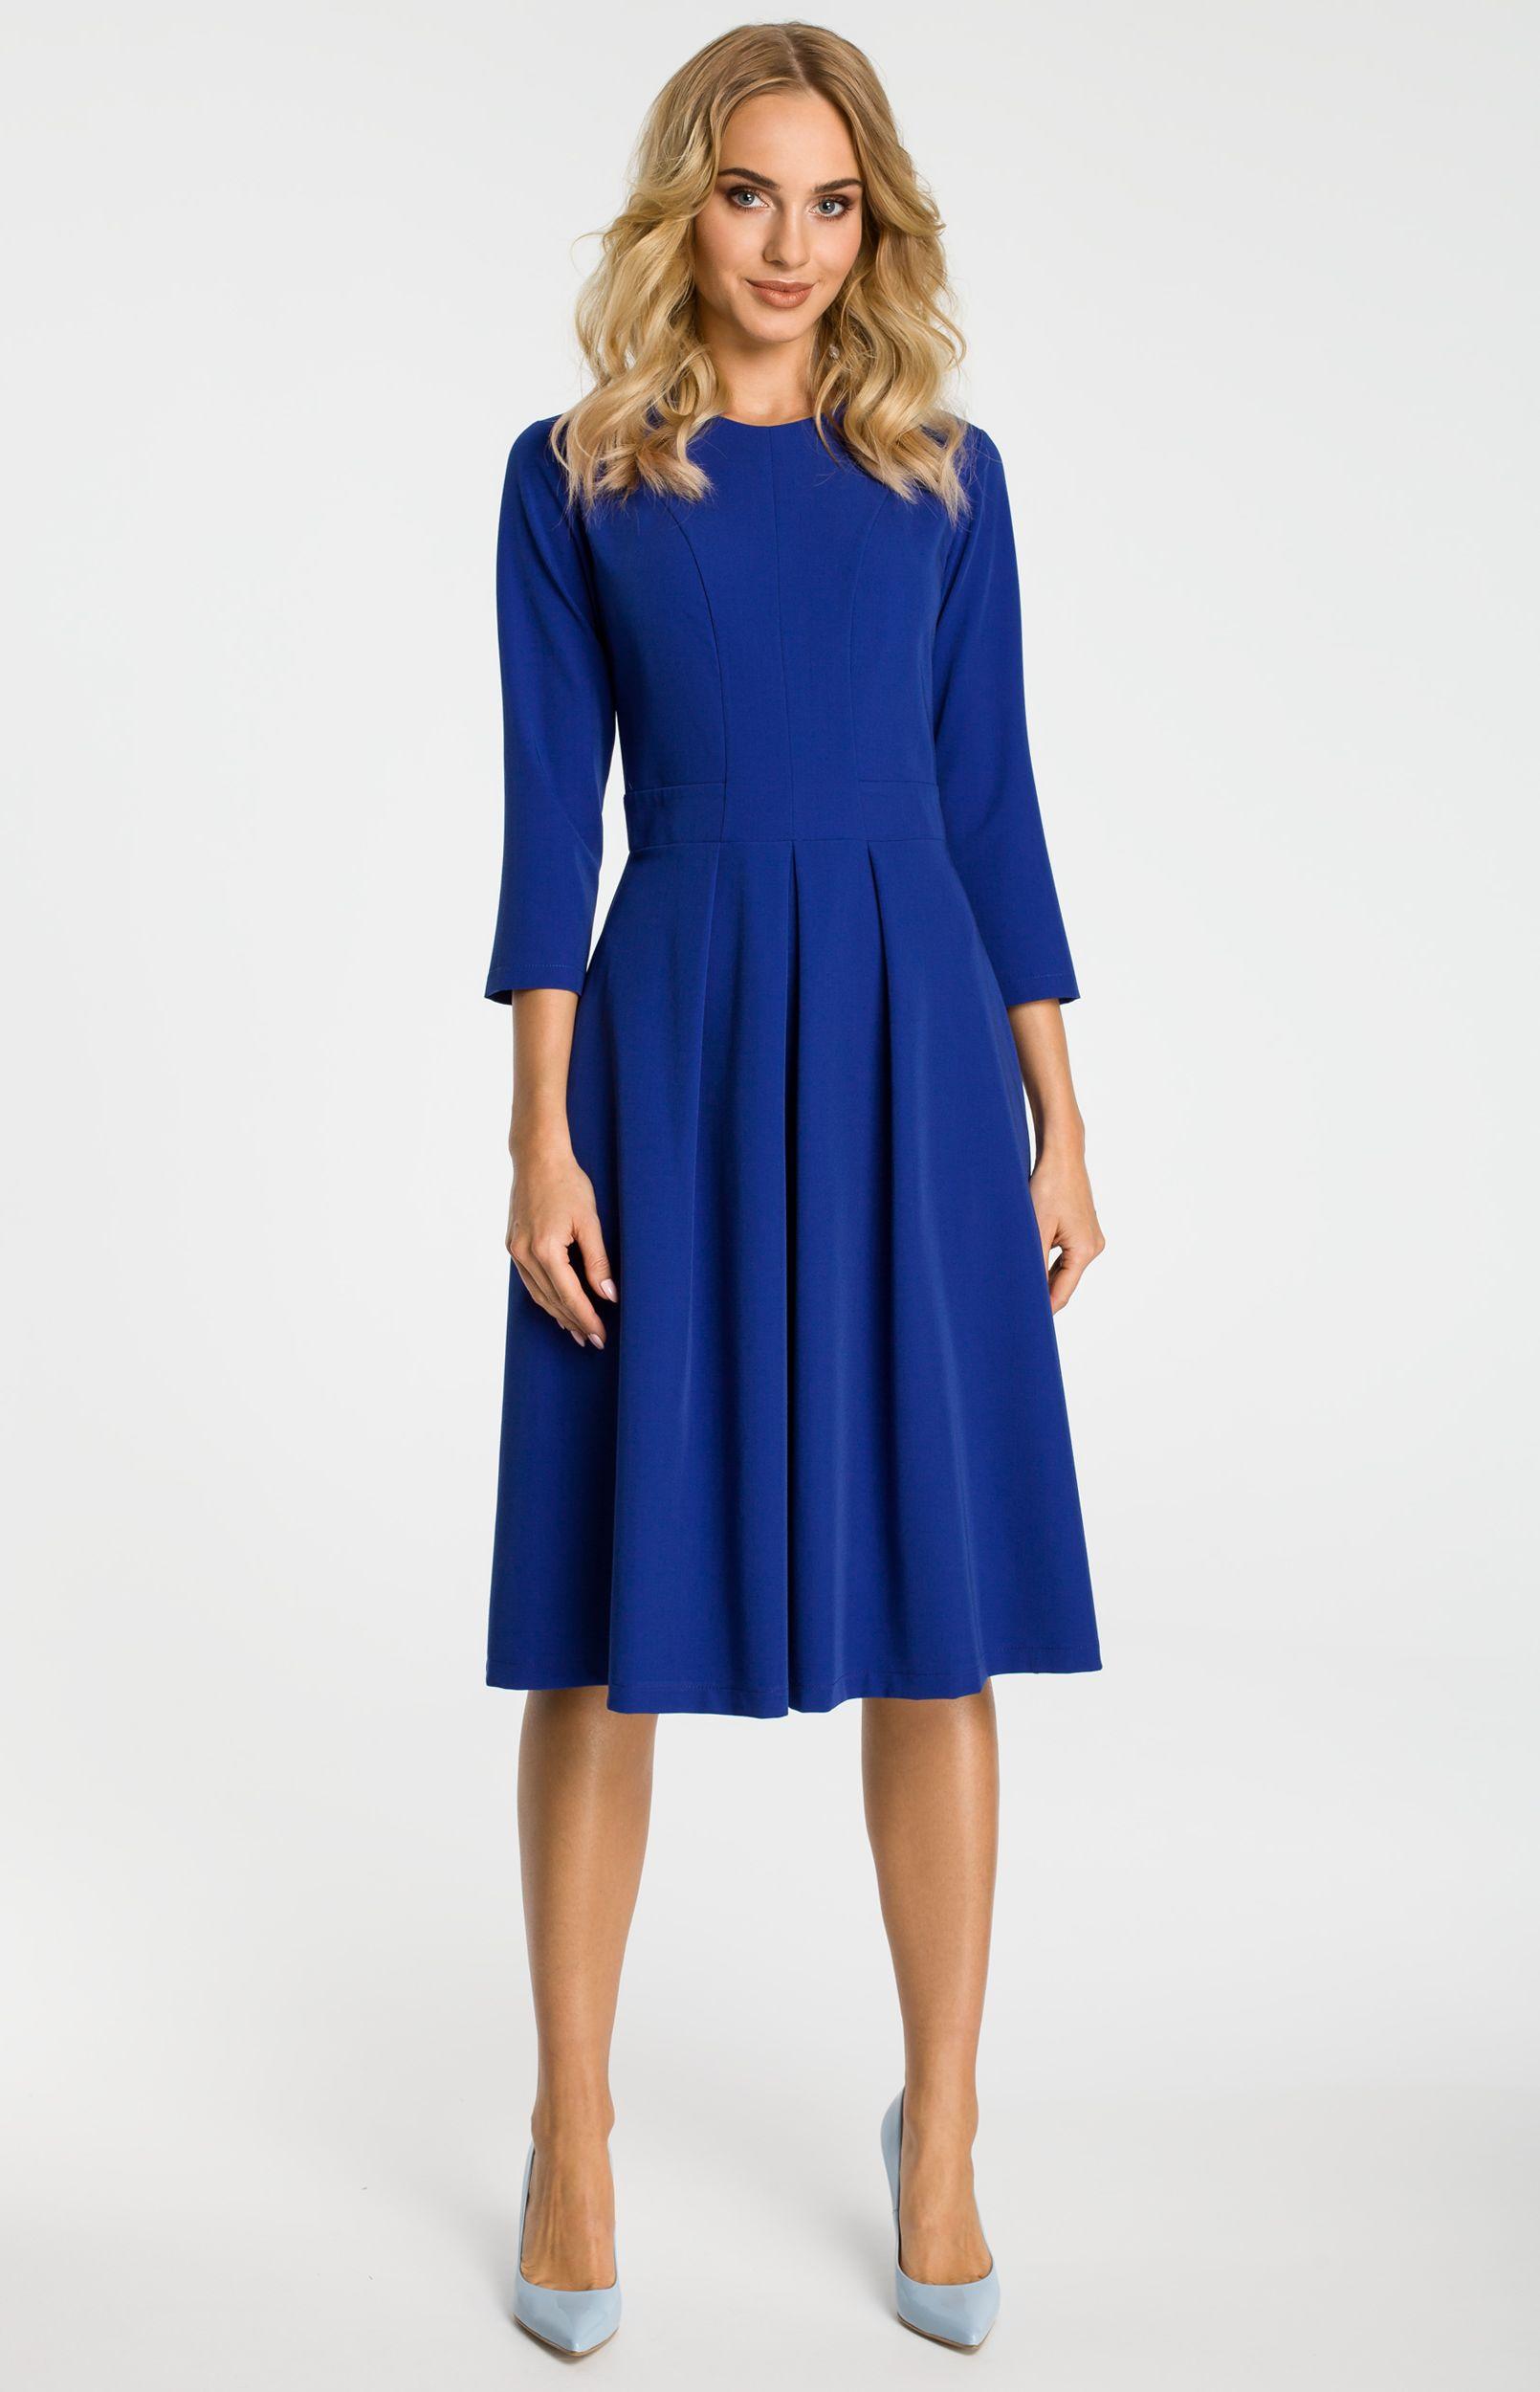 4d6b2f5a29a Robe plissée bleue manches 3 4 ME335B   idresstocode  boutique de ...